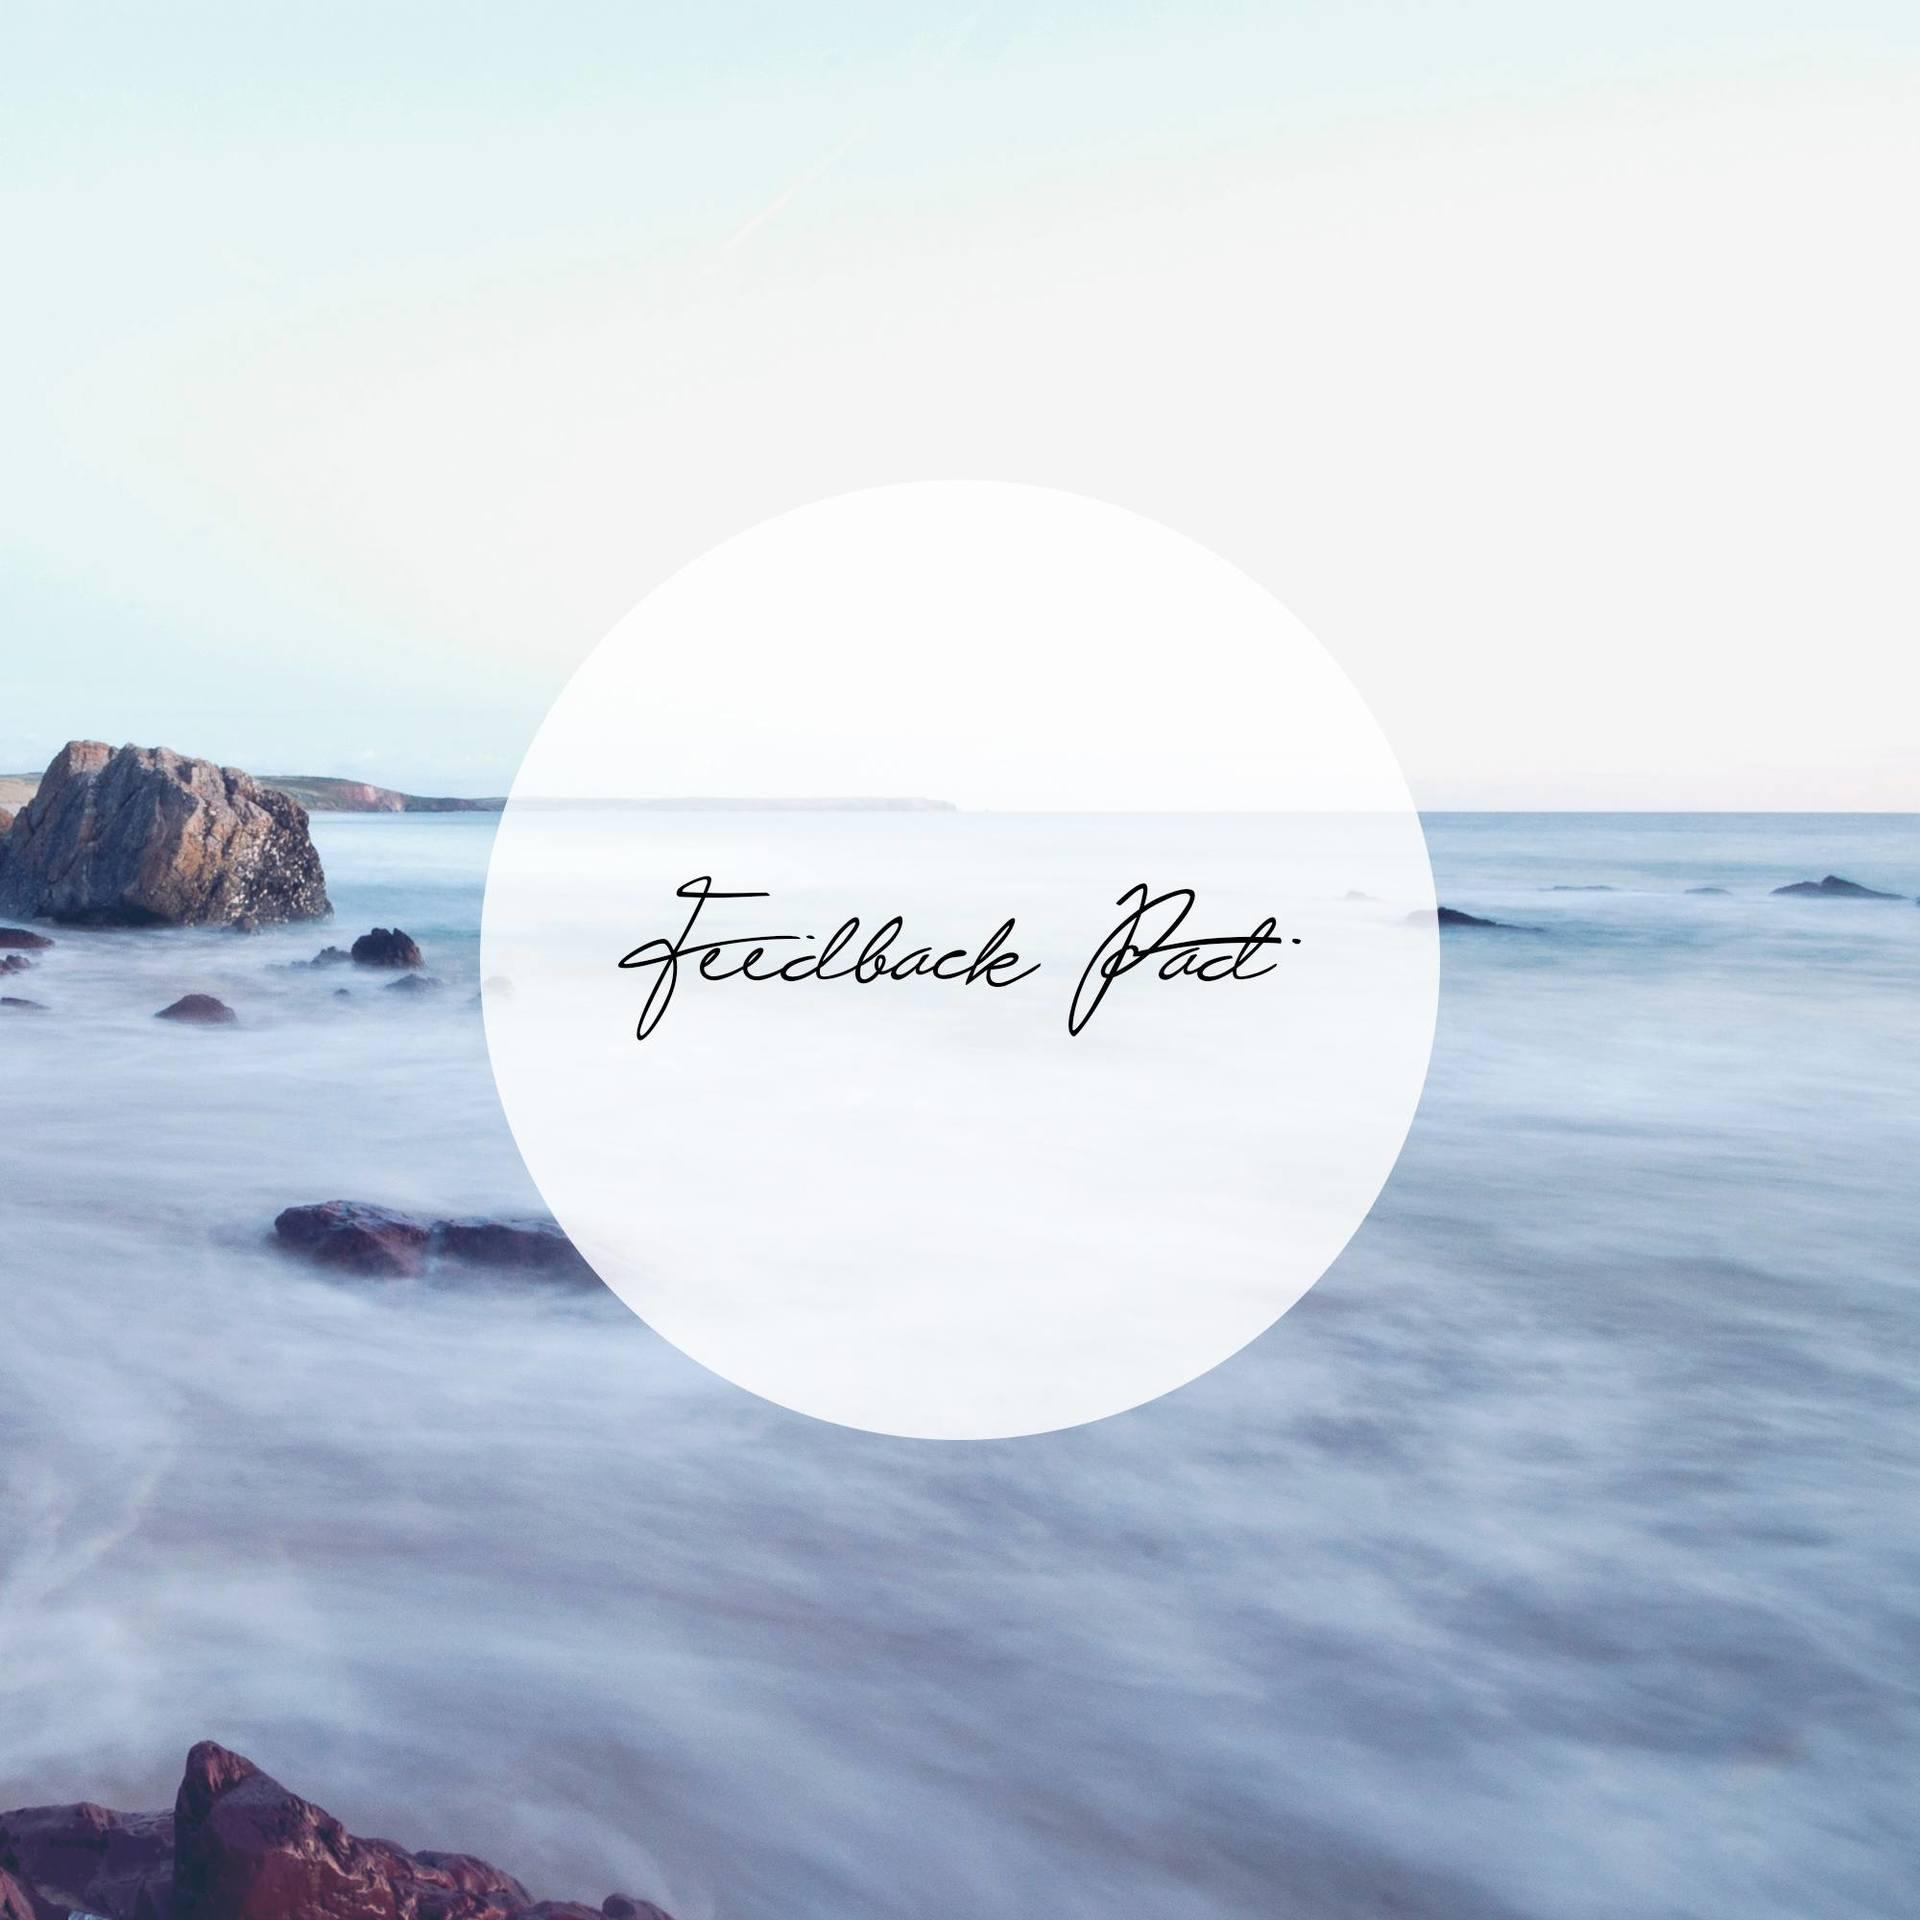 feedback-pad